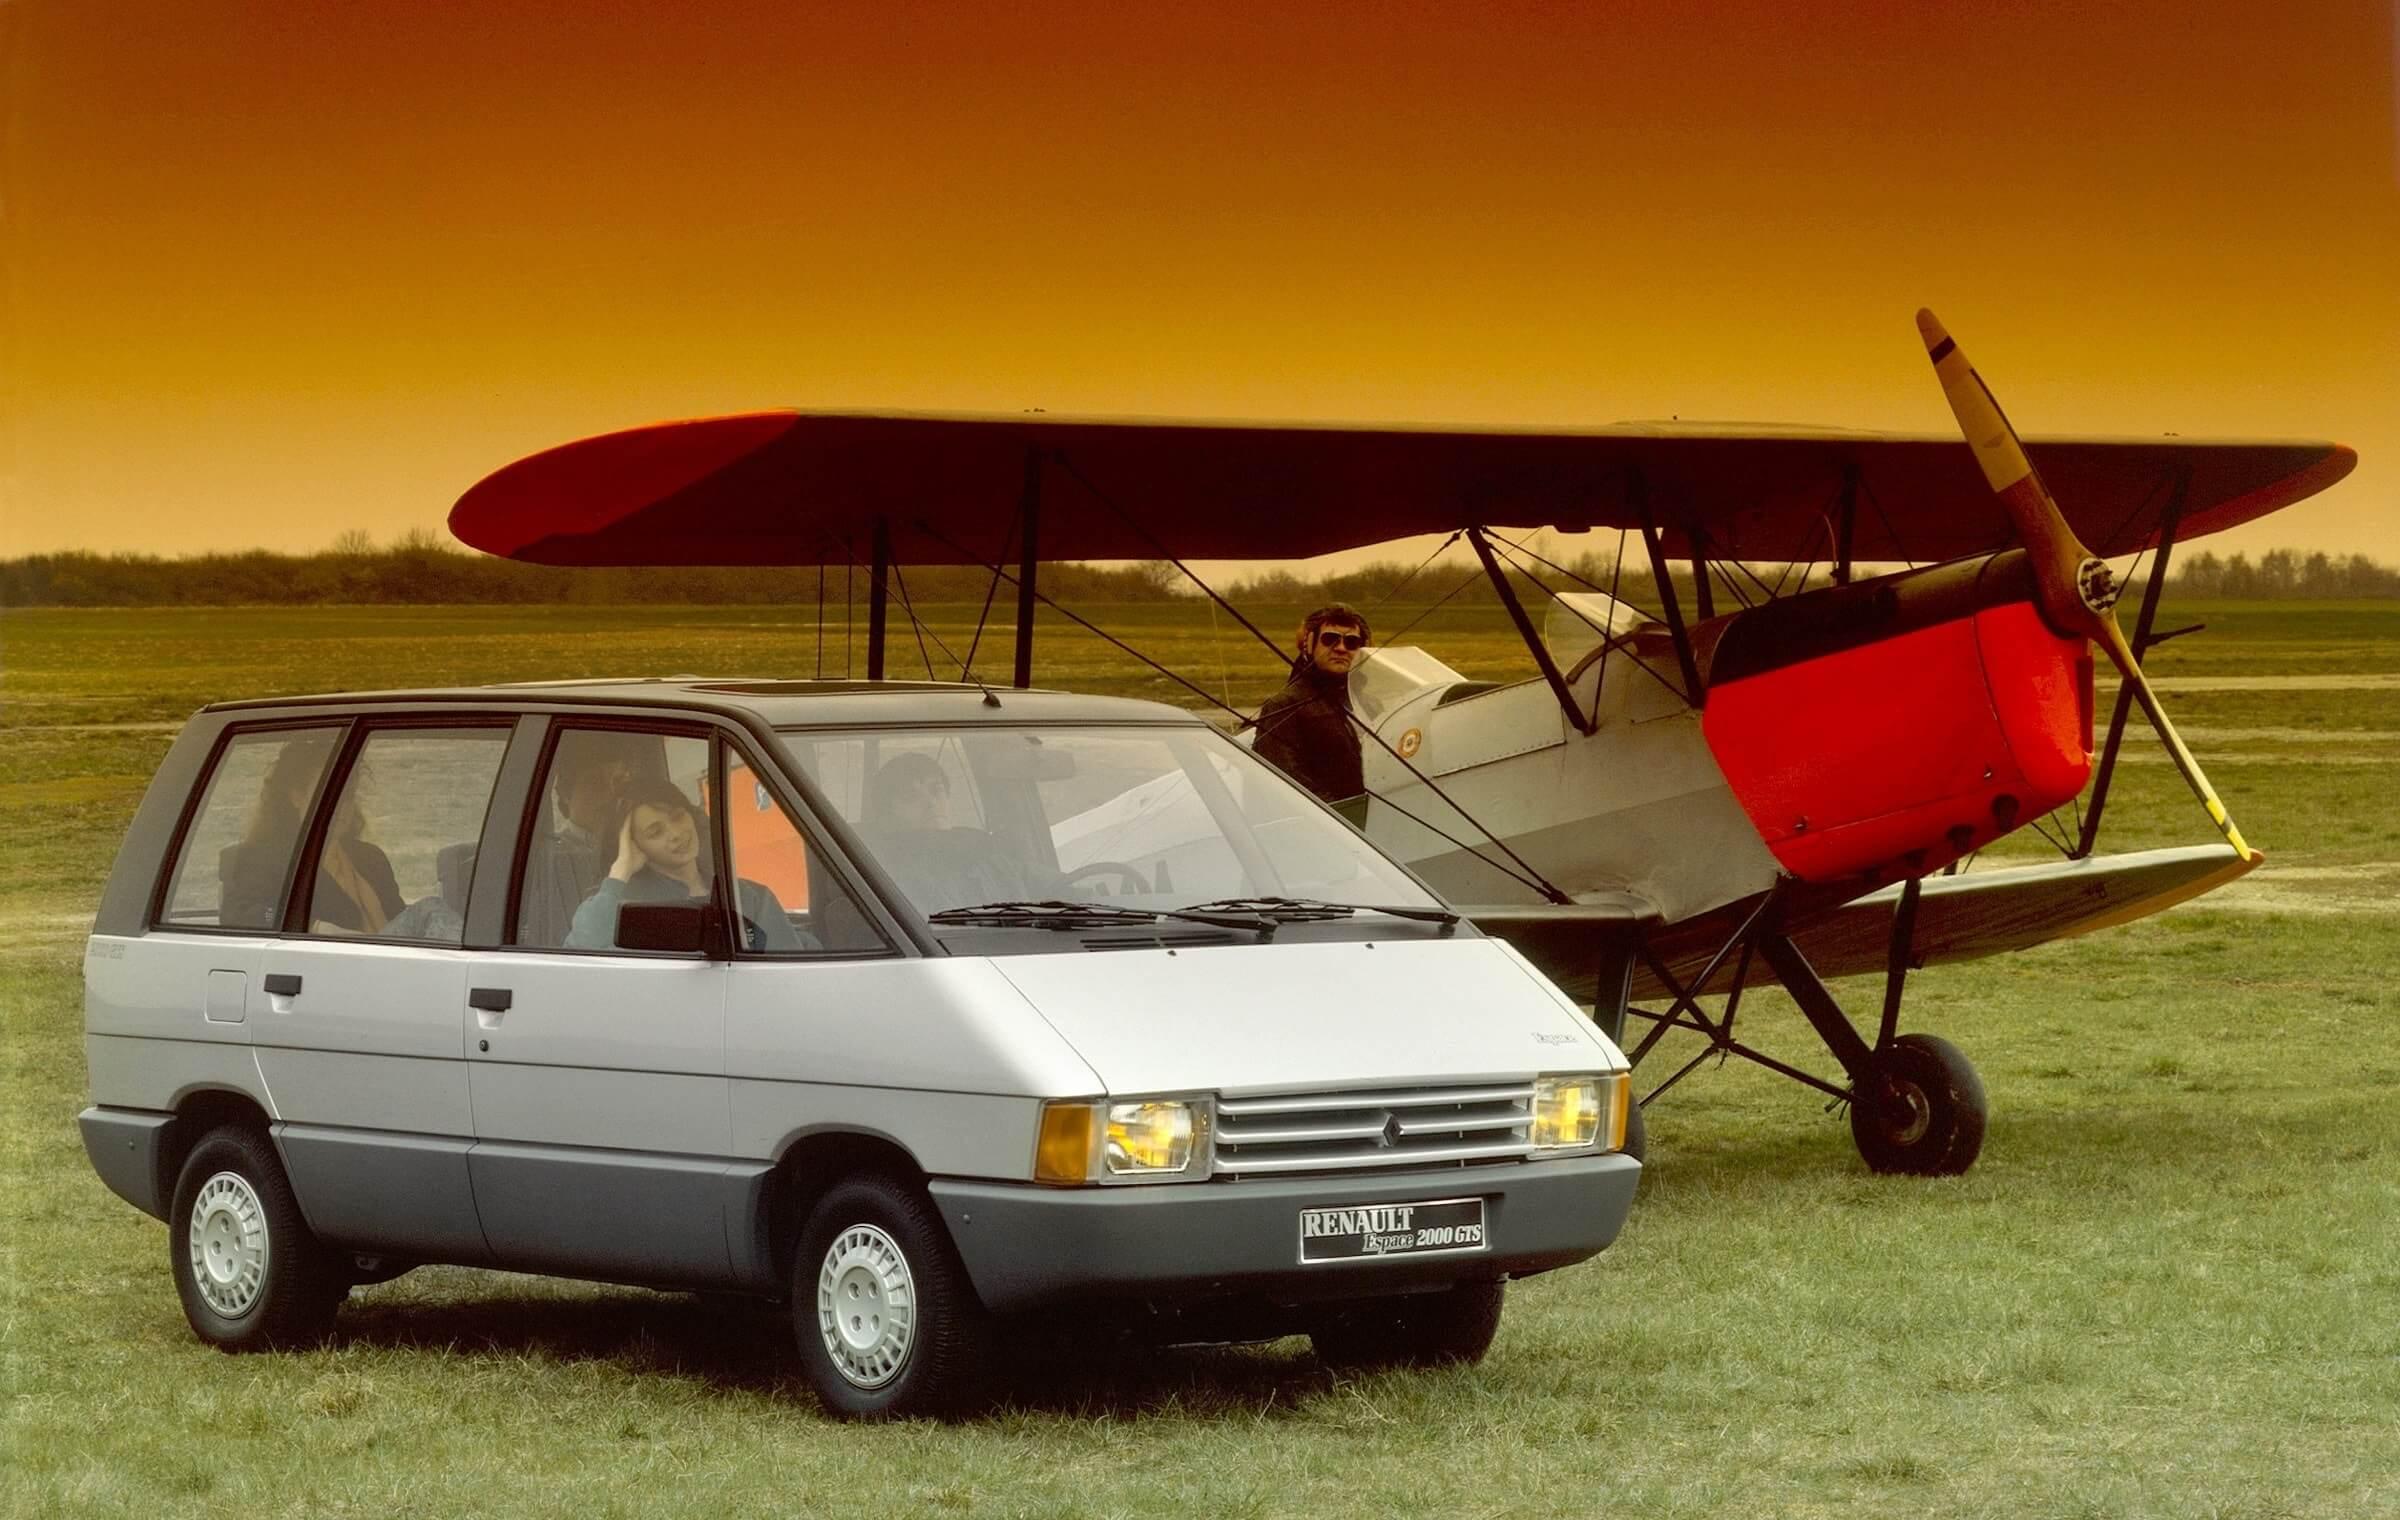 Renault Geschiedenis Louis